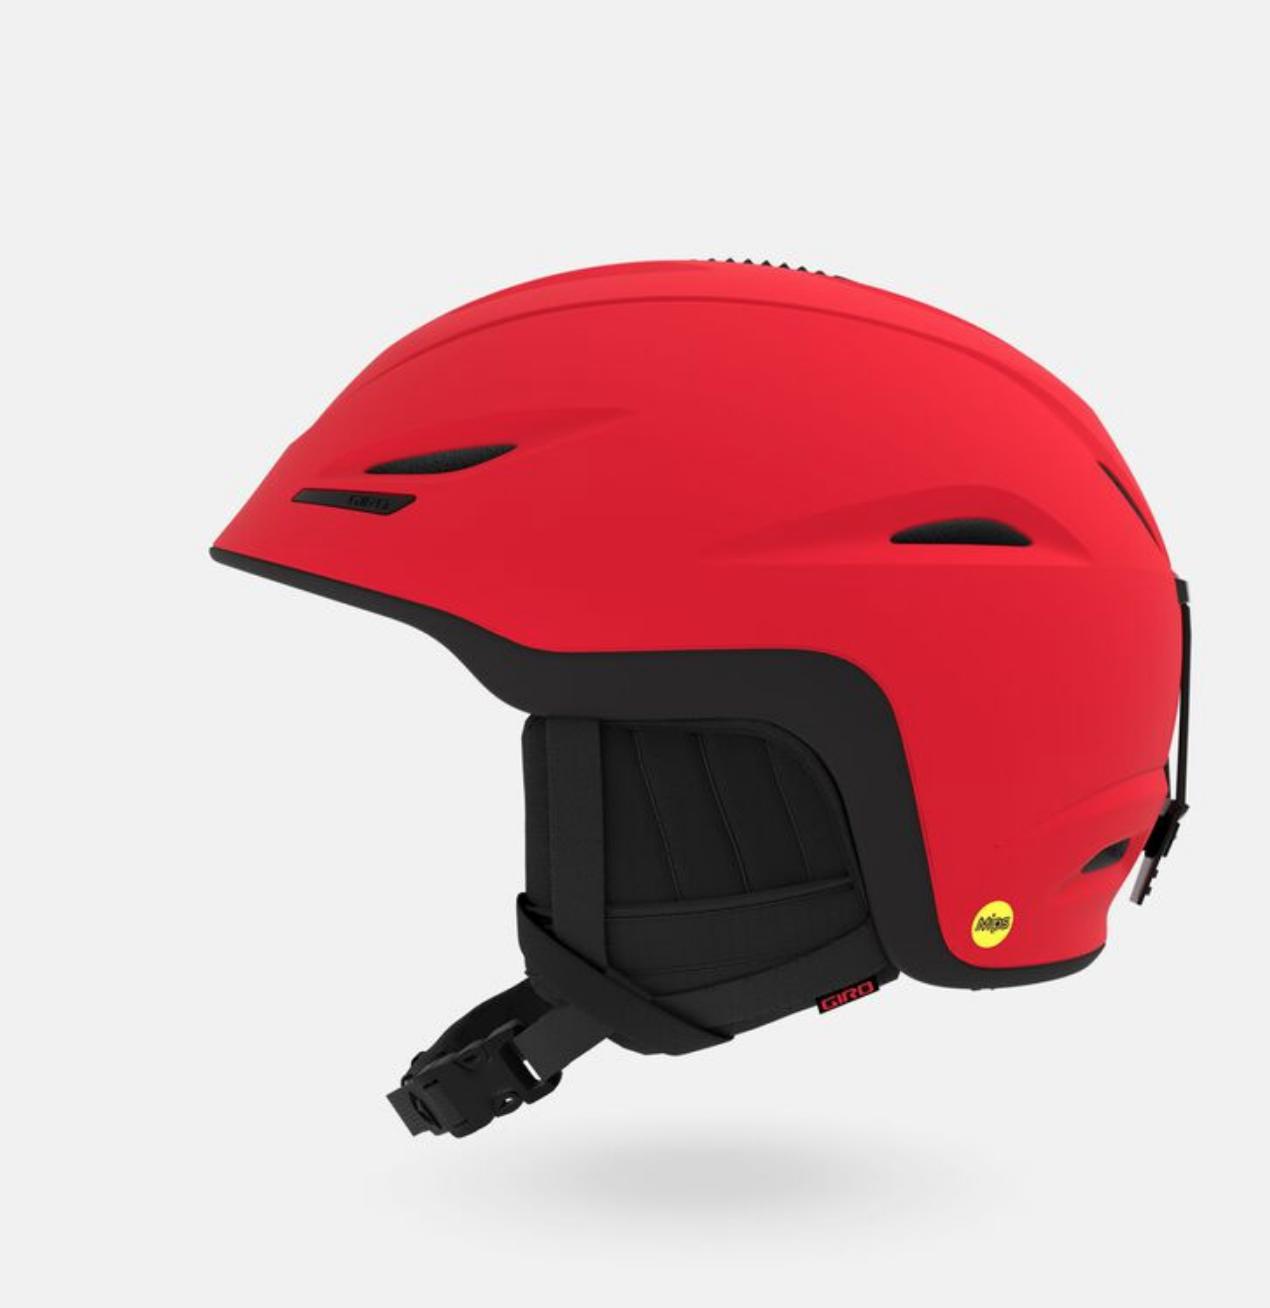 Giro Union MIPS Helmet - Matte Bright Red